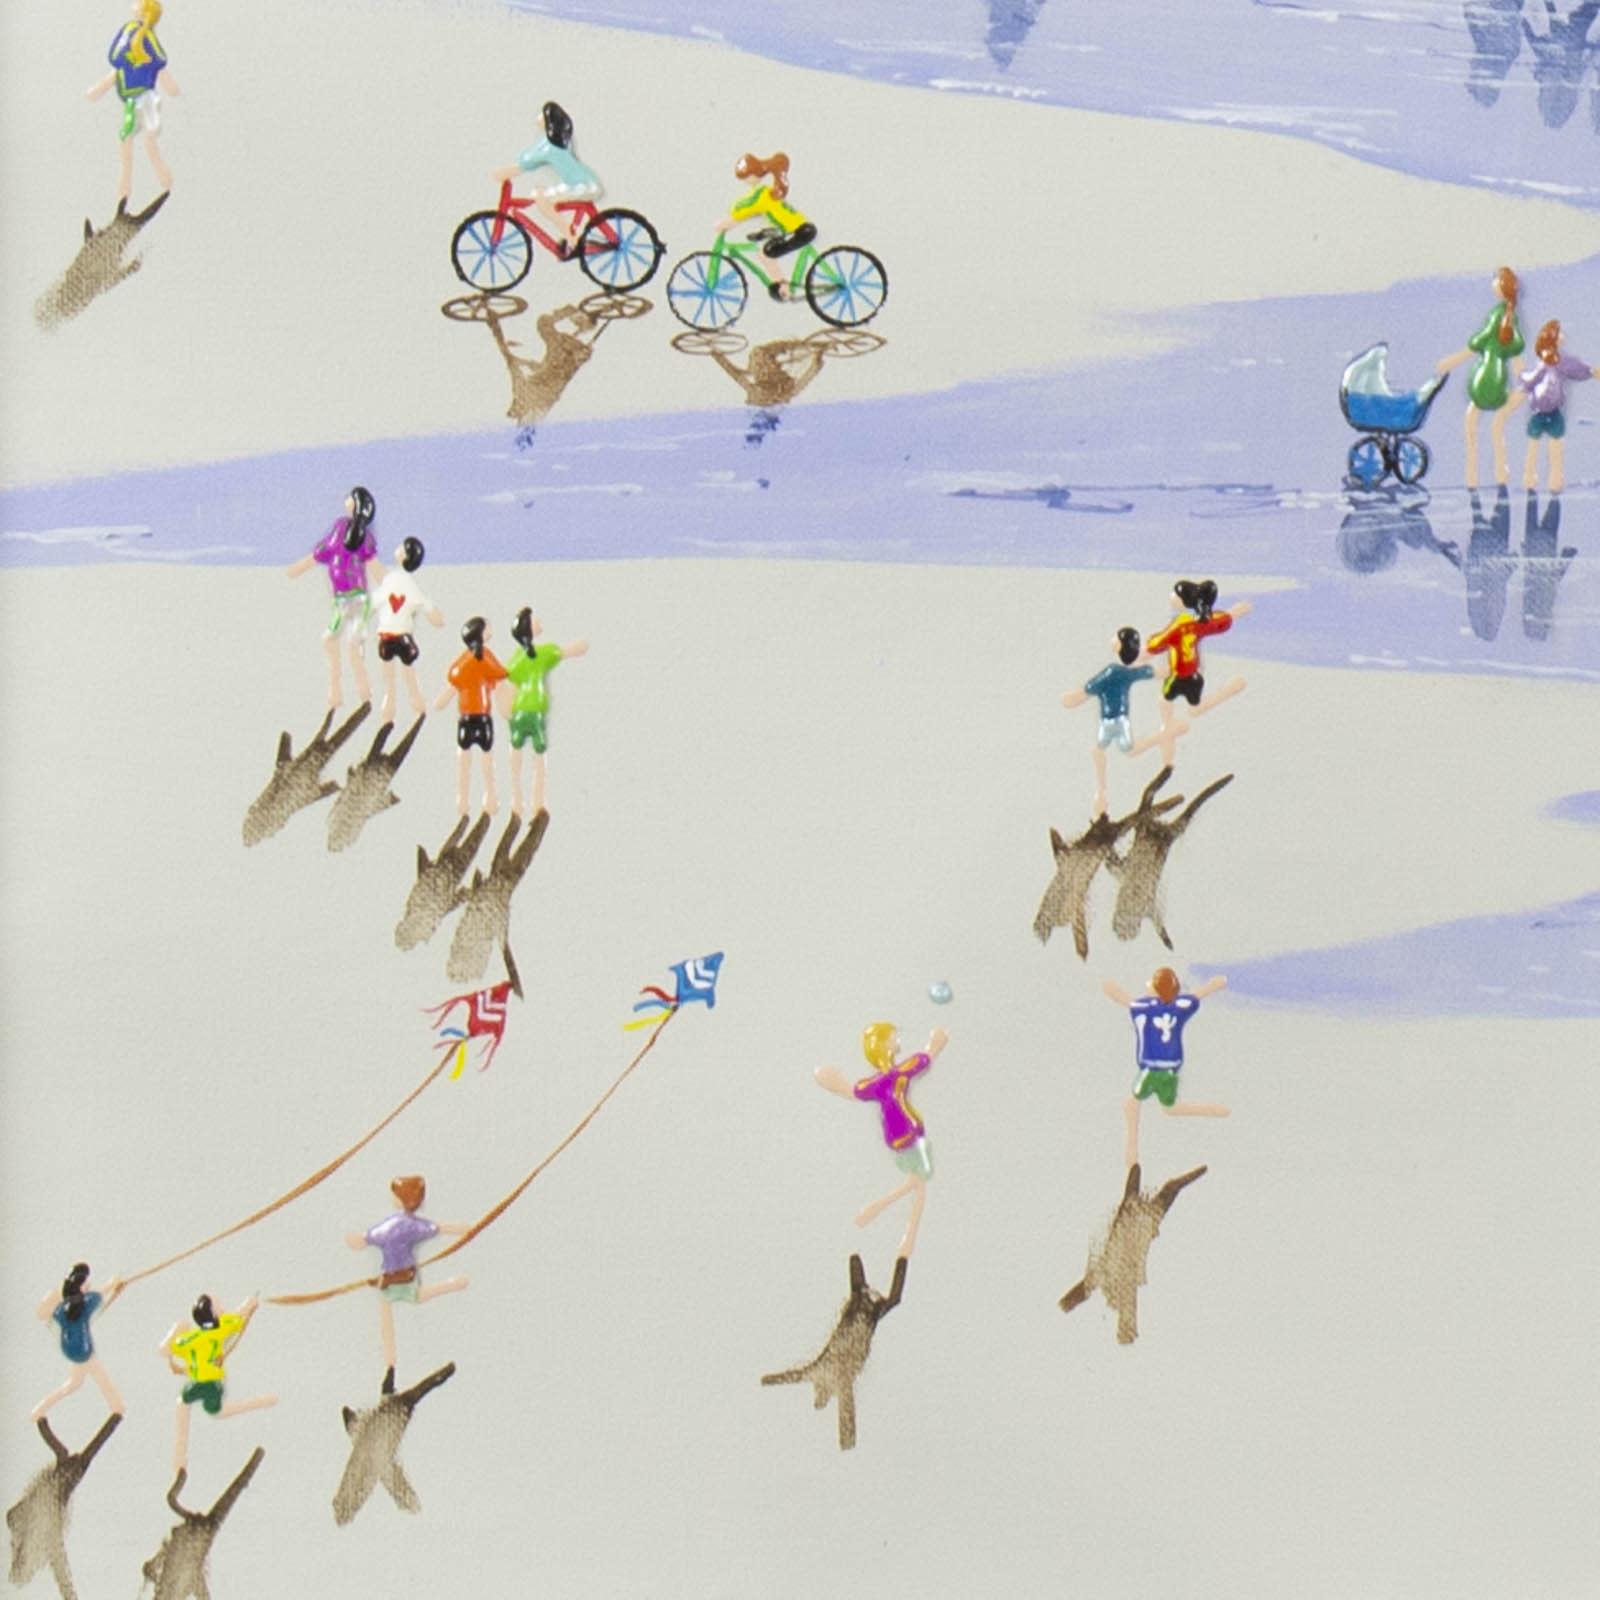 Kites and Bikes